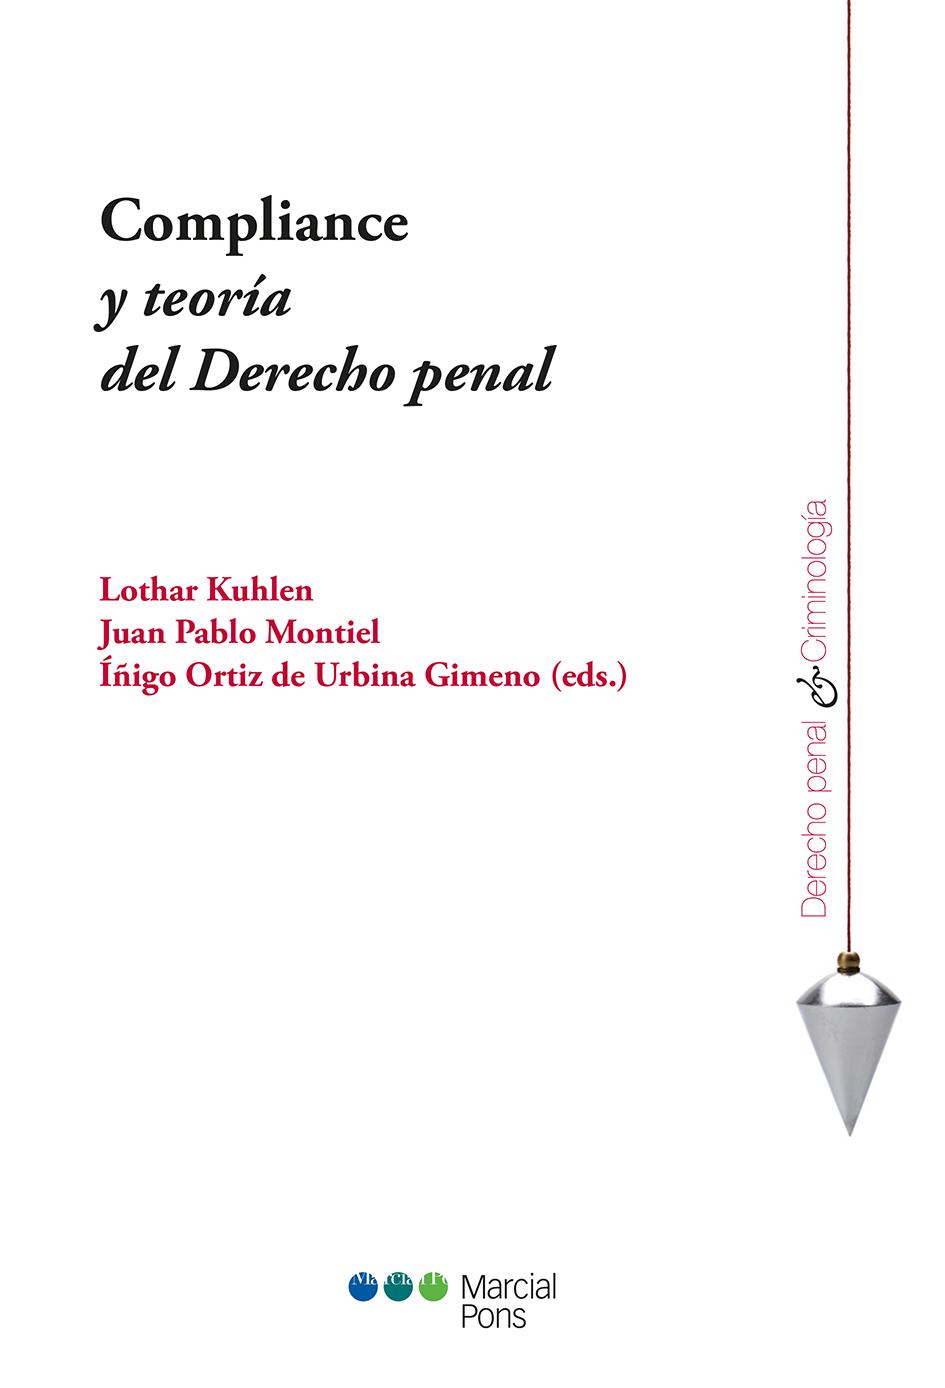 Portada del libro Compliance y teoría del Derecho penal